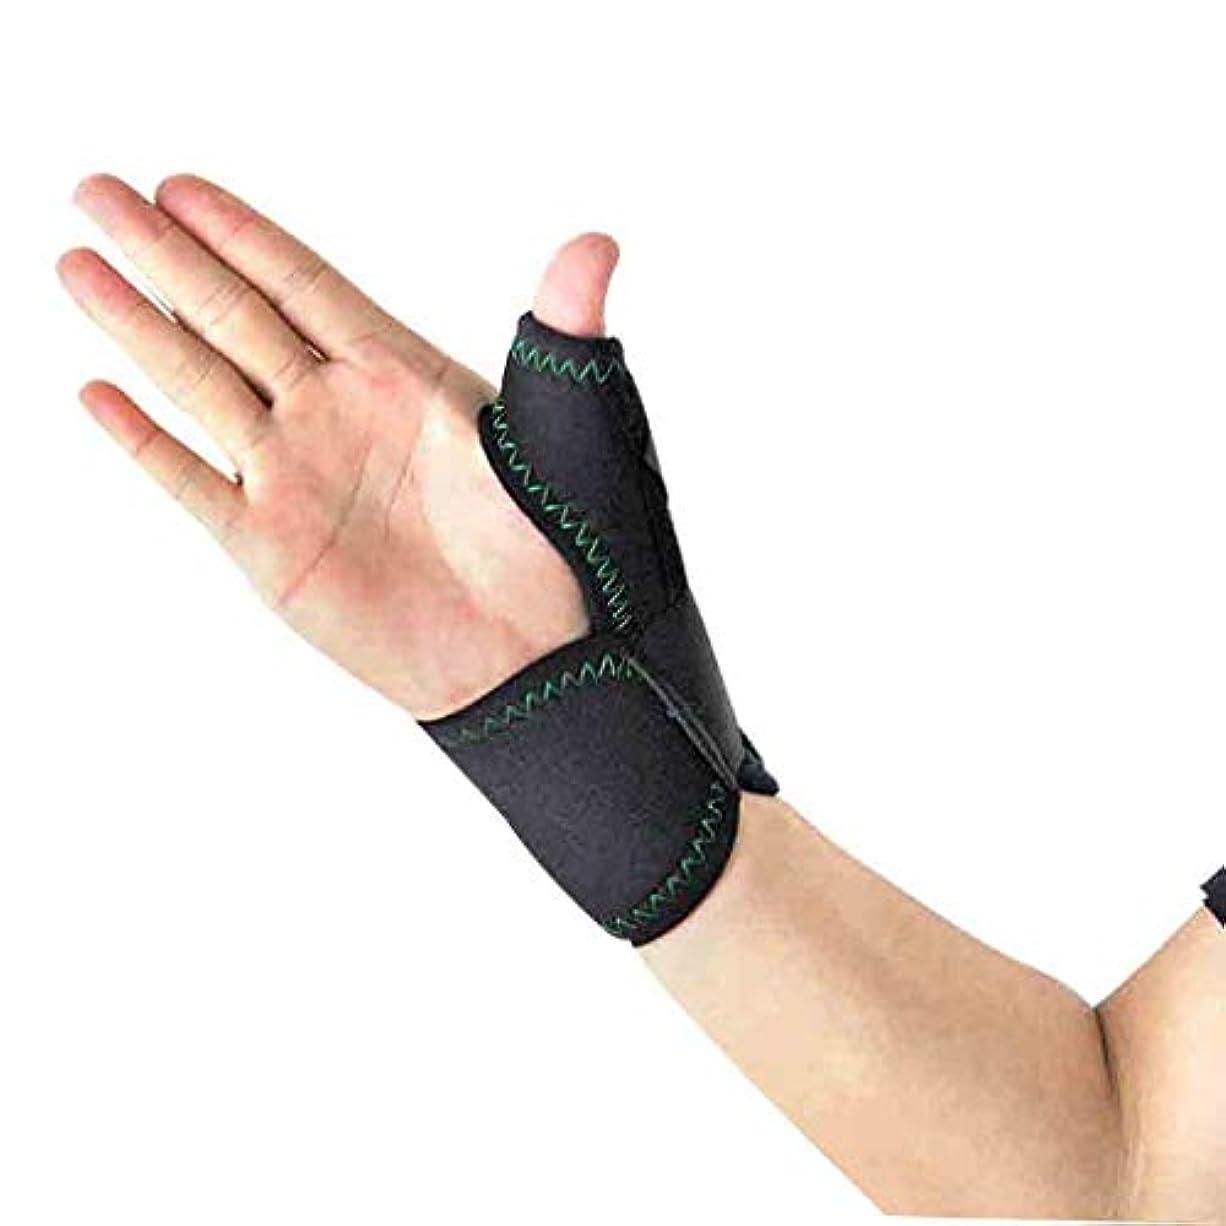 登山家むちゃくちゃアノイThumbブレースは、手首のストラップでトリガーThumbガードのThumbのスプリントをラップします。ブレースThumbのスプリント、Thumbの関節炎の痛みを軽減するブレース(1個、ユニセックス、左&右手、M) Roscloud@